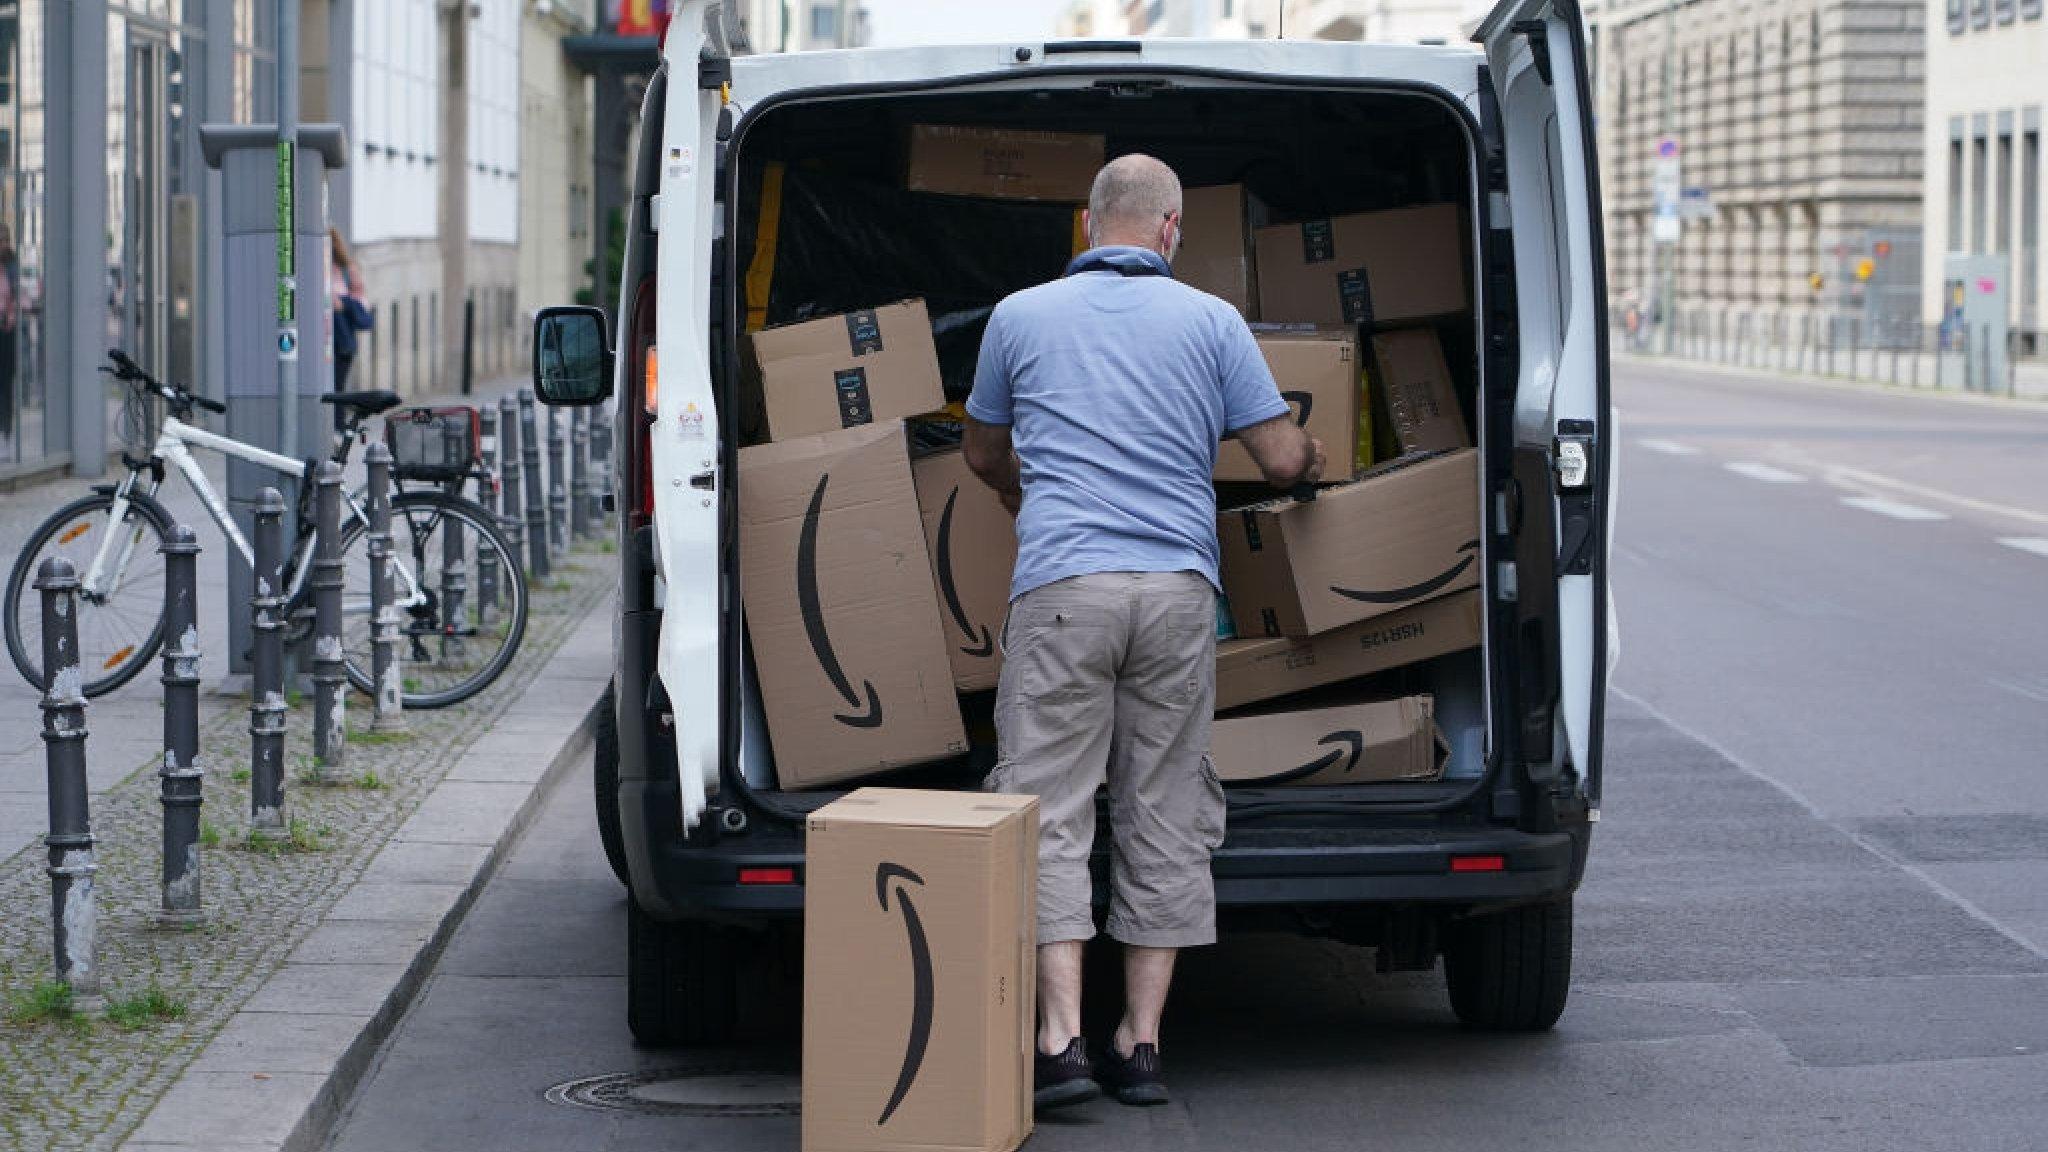 Big tech floreert terwijl economie krimpt: marktwaarde ruim 5 biljoen